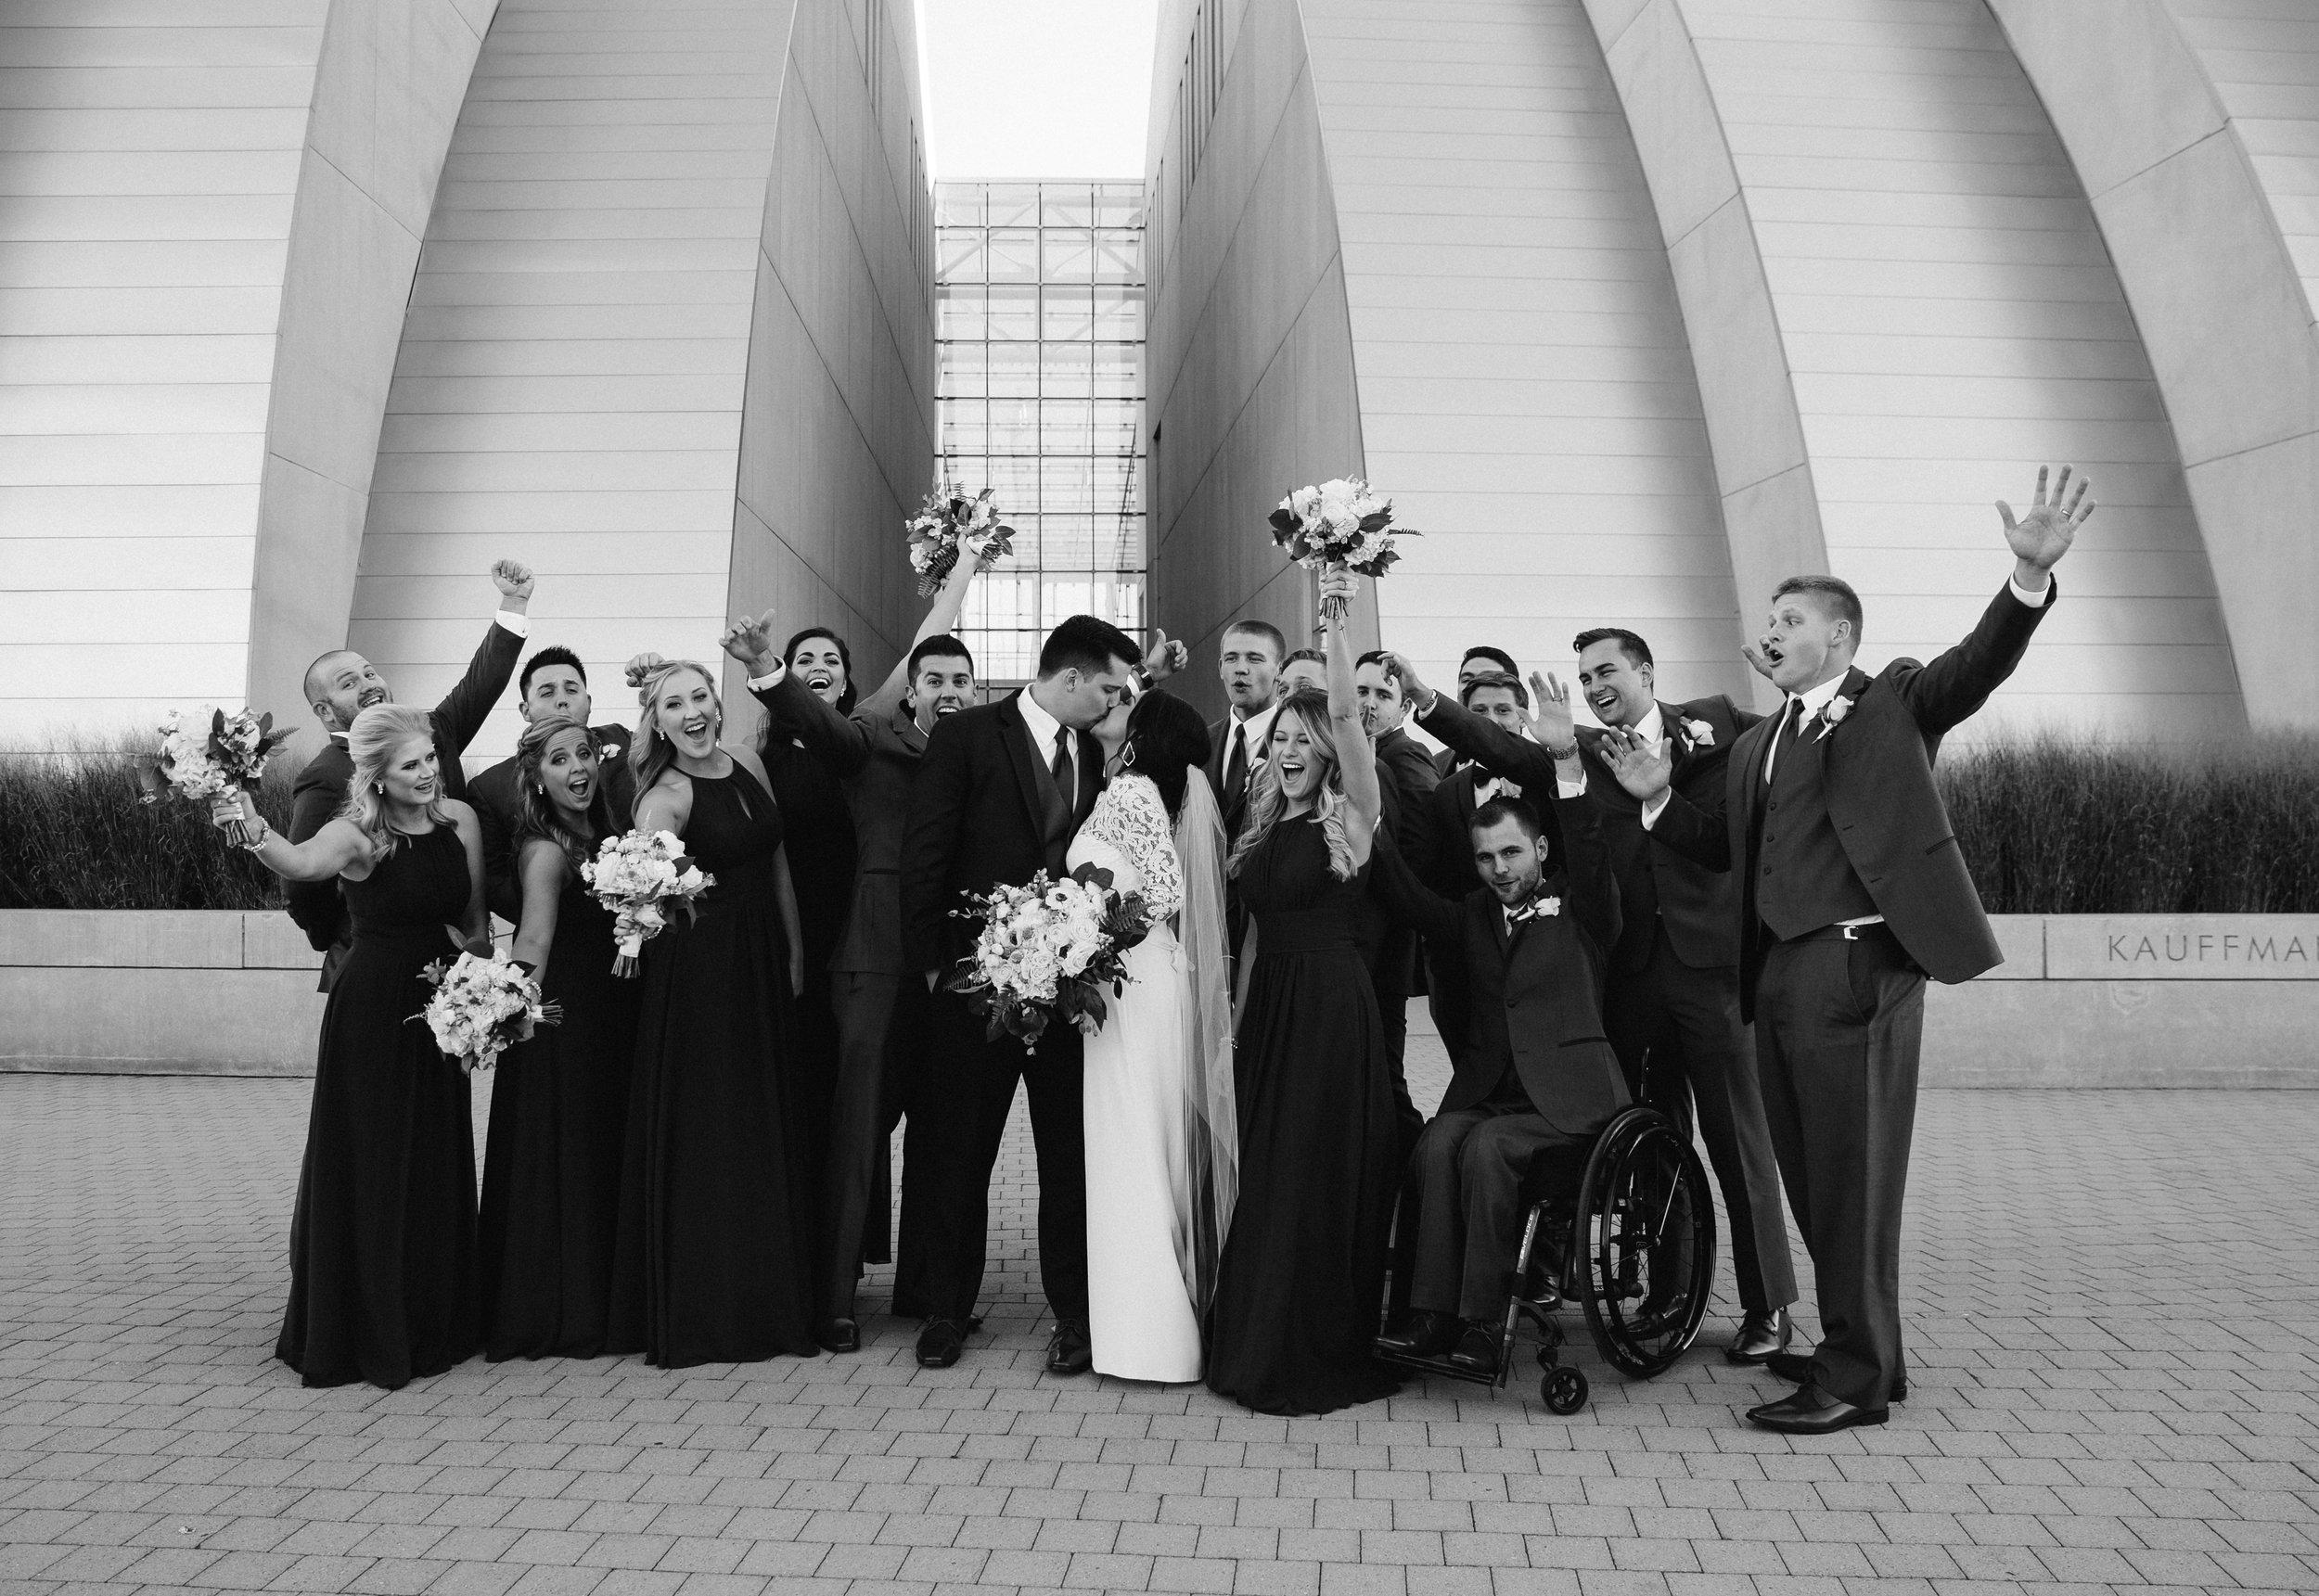 KateAlexWedding+WeddingPartyCouplesPortraits-0032.jpg